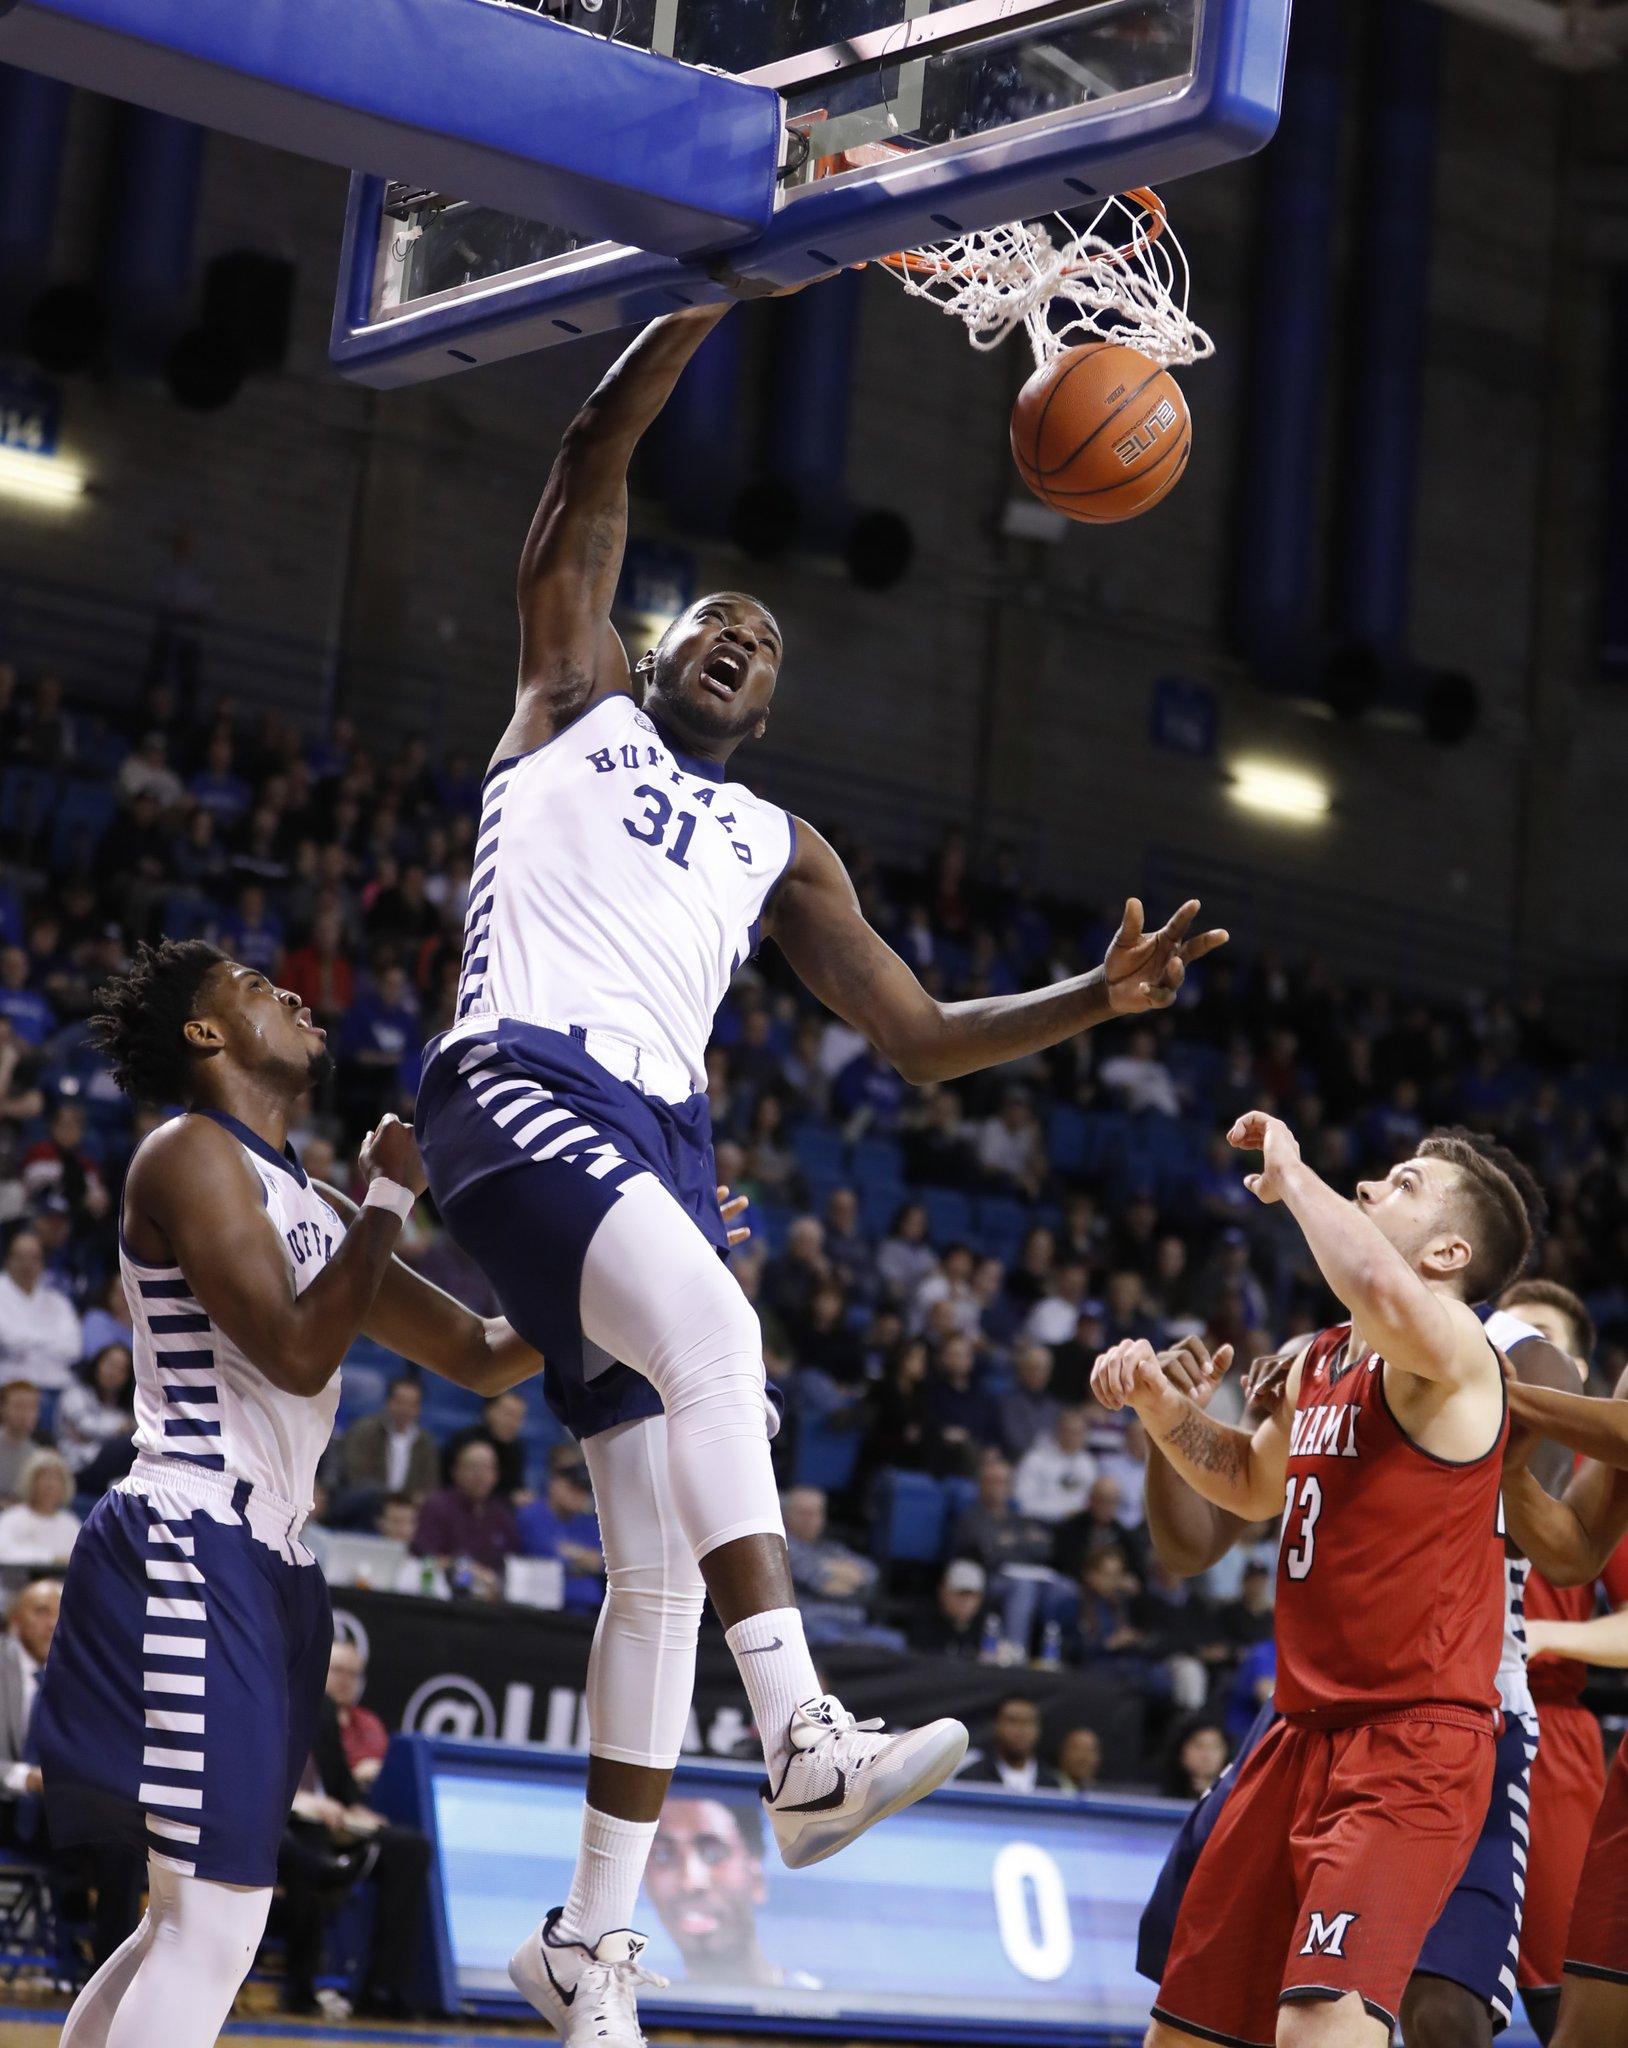 Raheem Johnson dunks vs. Miami Ohio. (Harry Scull Jr./Buffalo News)